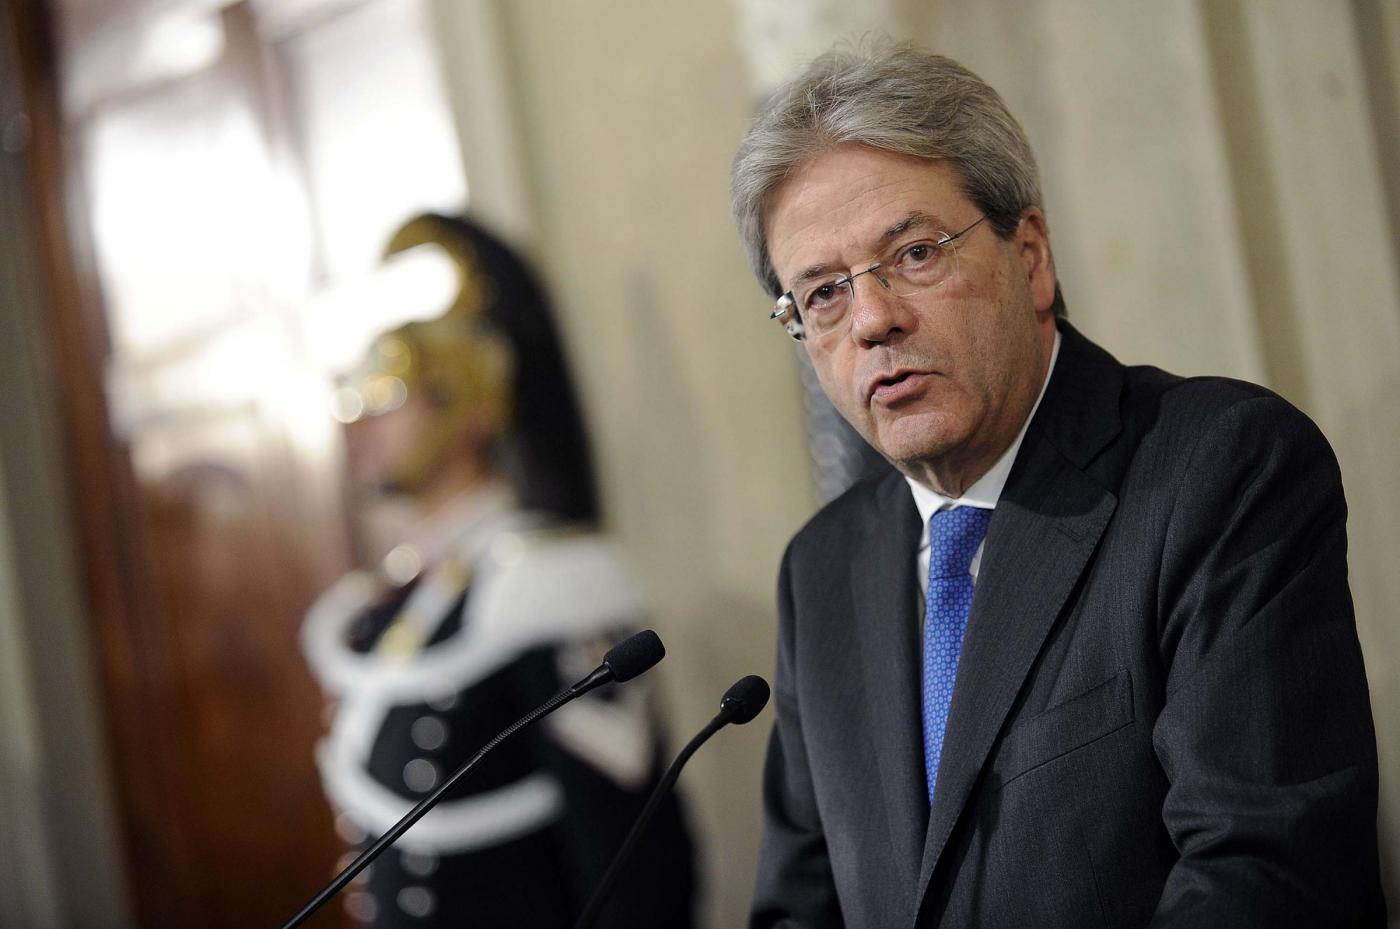 Quirinale. Il Presidente della Repubblica conferisce l'incarico di Presidente del Consiglio dei Ministri a Paolo Gentiloni